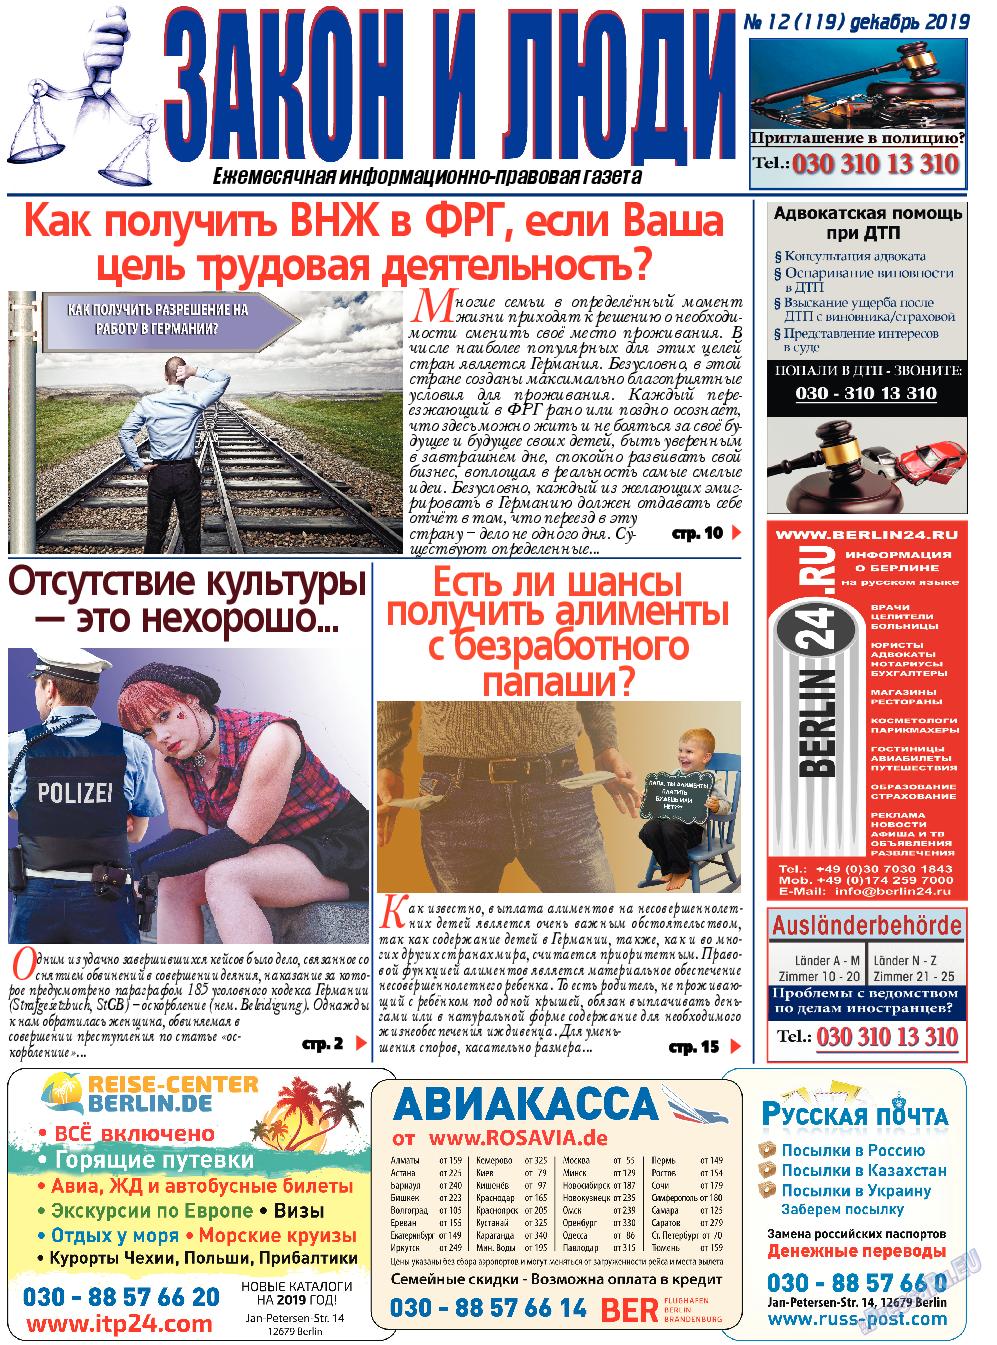 Закон и люди (газета). 2019 год, номер 12, стр. 1